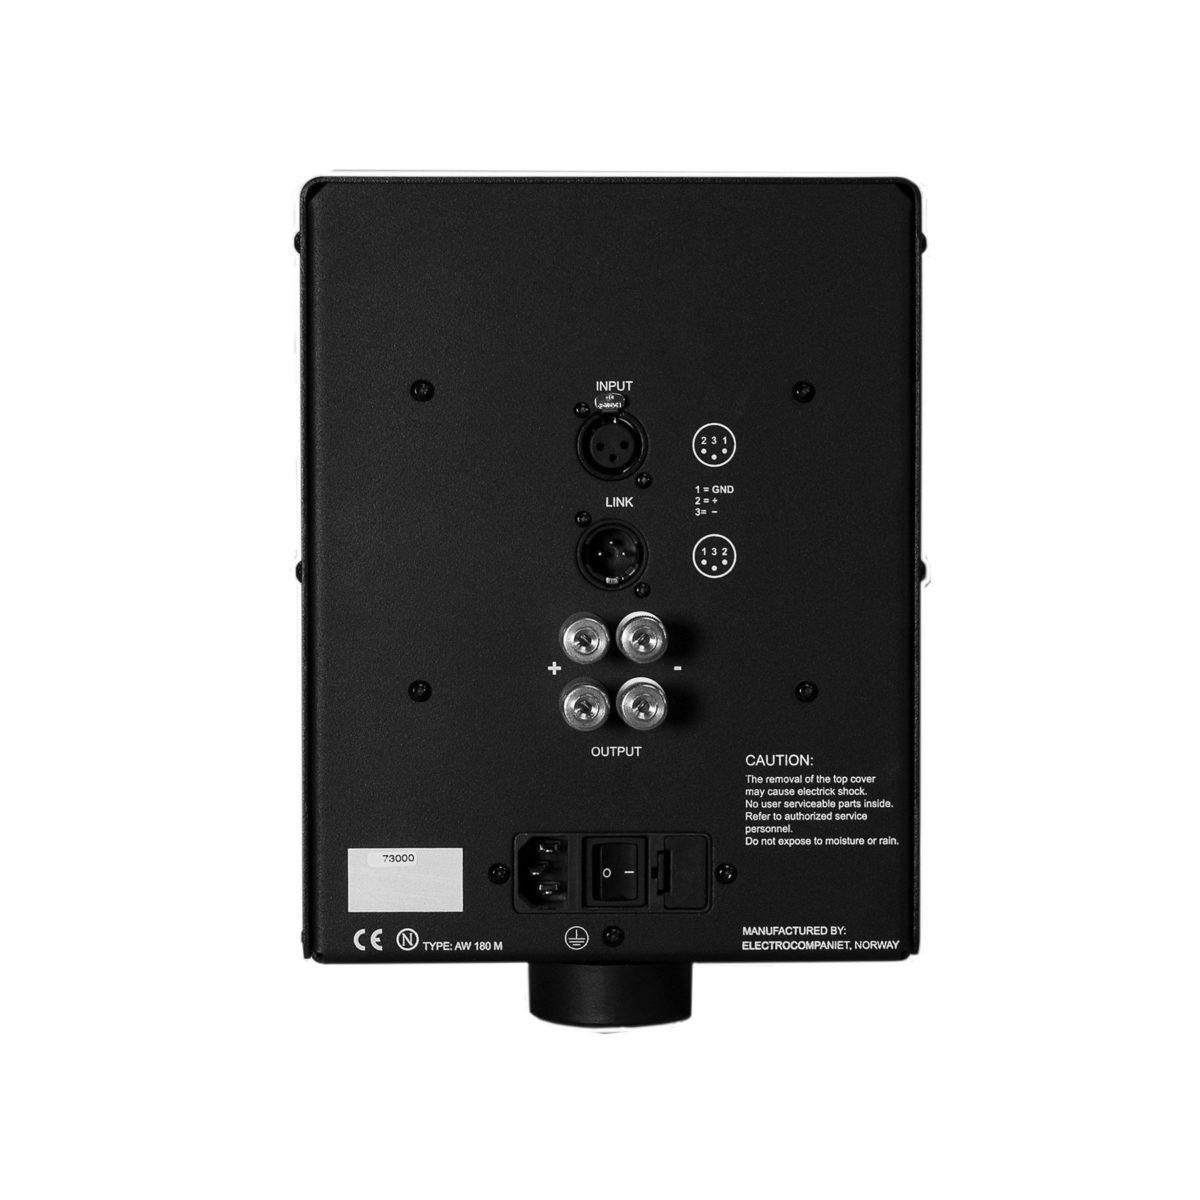 Electrocompaniet_AW180_monoblokk_3 - Professional Audio